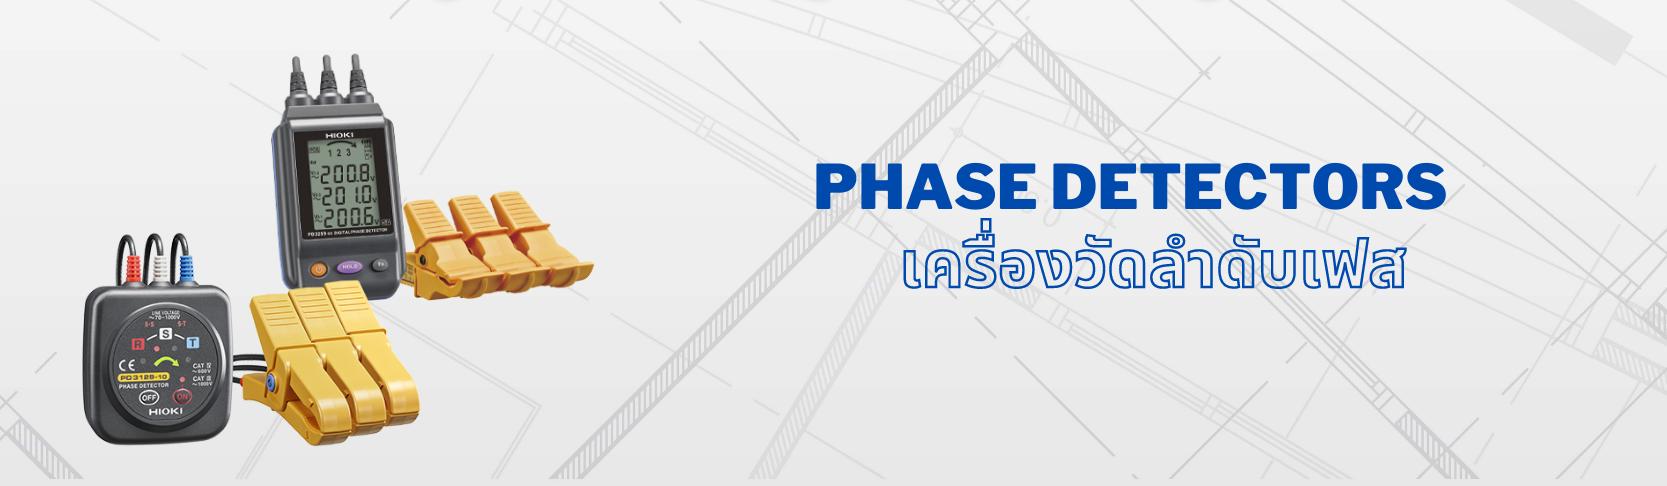 เครื่องวัดลำดับเฟส (Phase Detector)